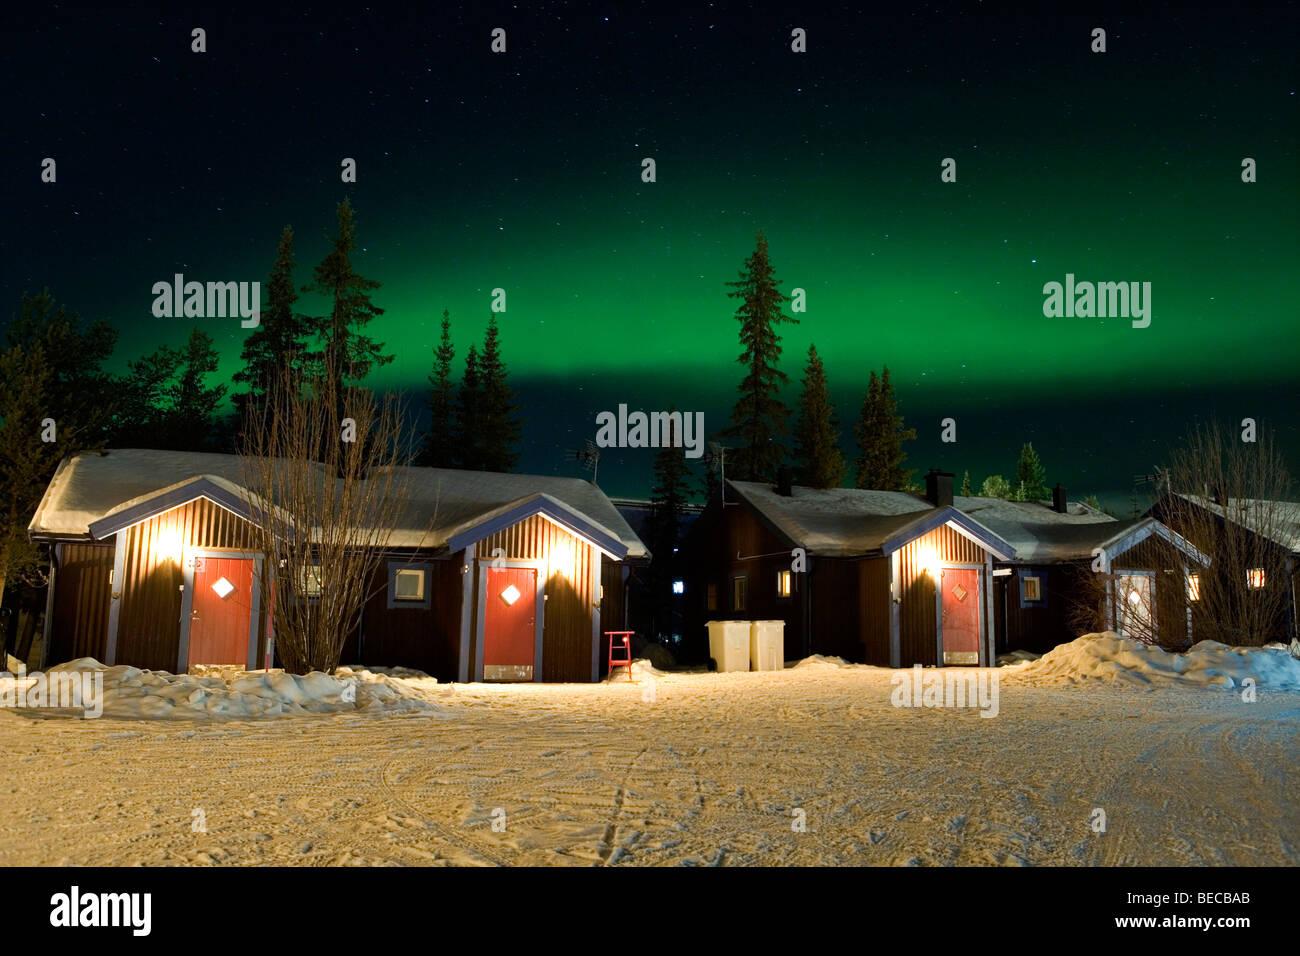 Northern lights over cabins at the Ice hotel in Jukkasjärvi, Sweden. - Stock Image